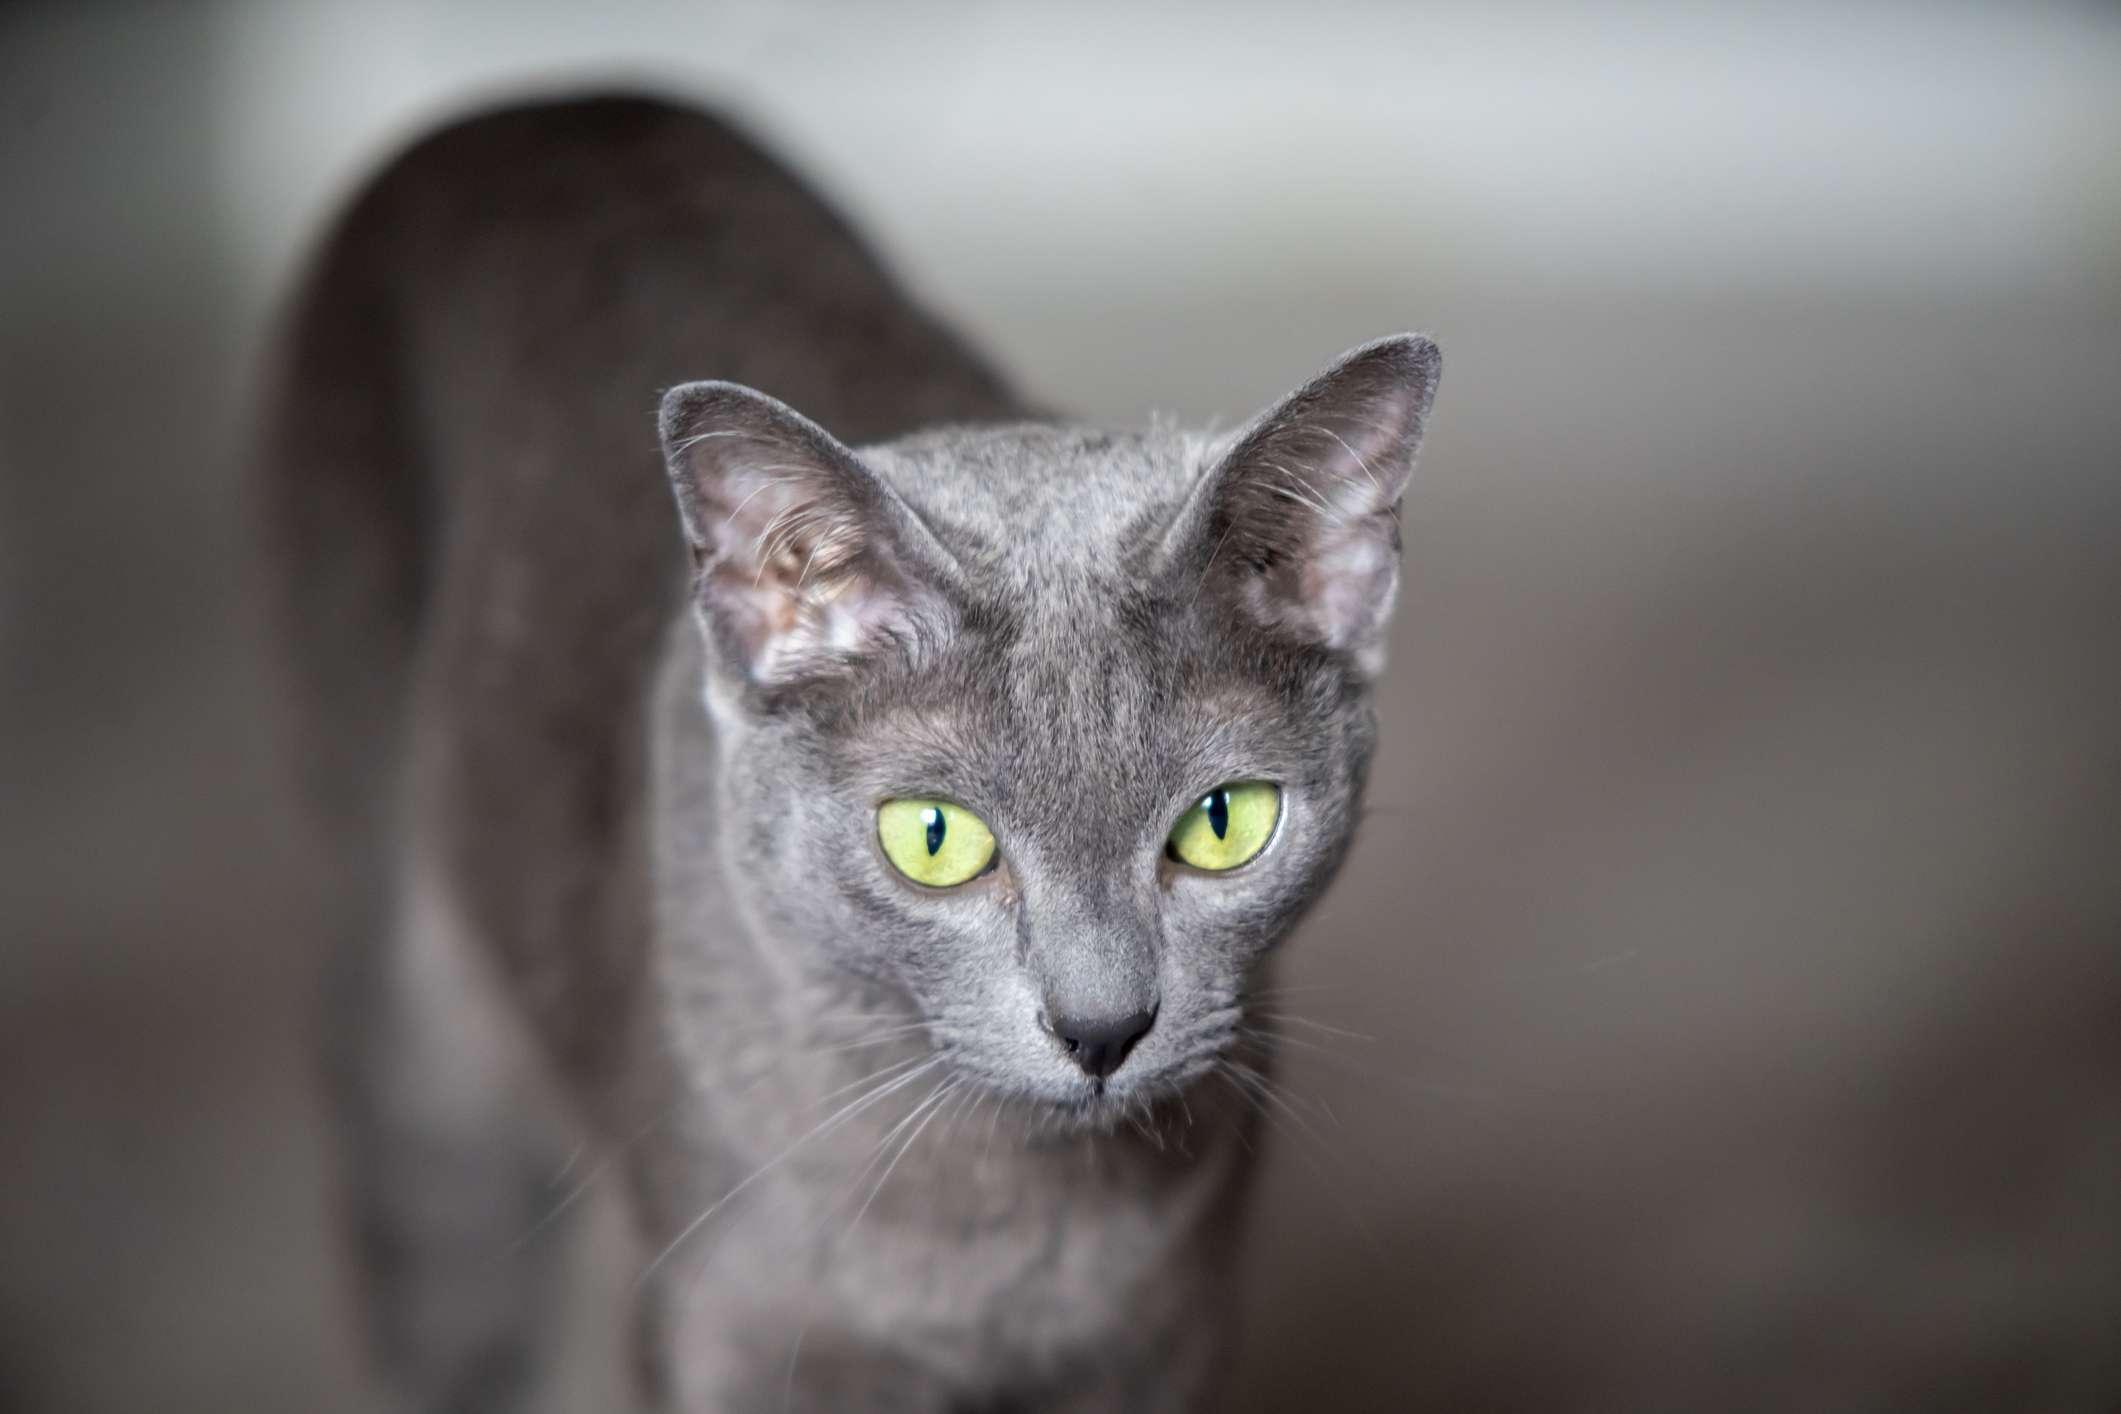 Korat cat with blue coat